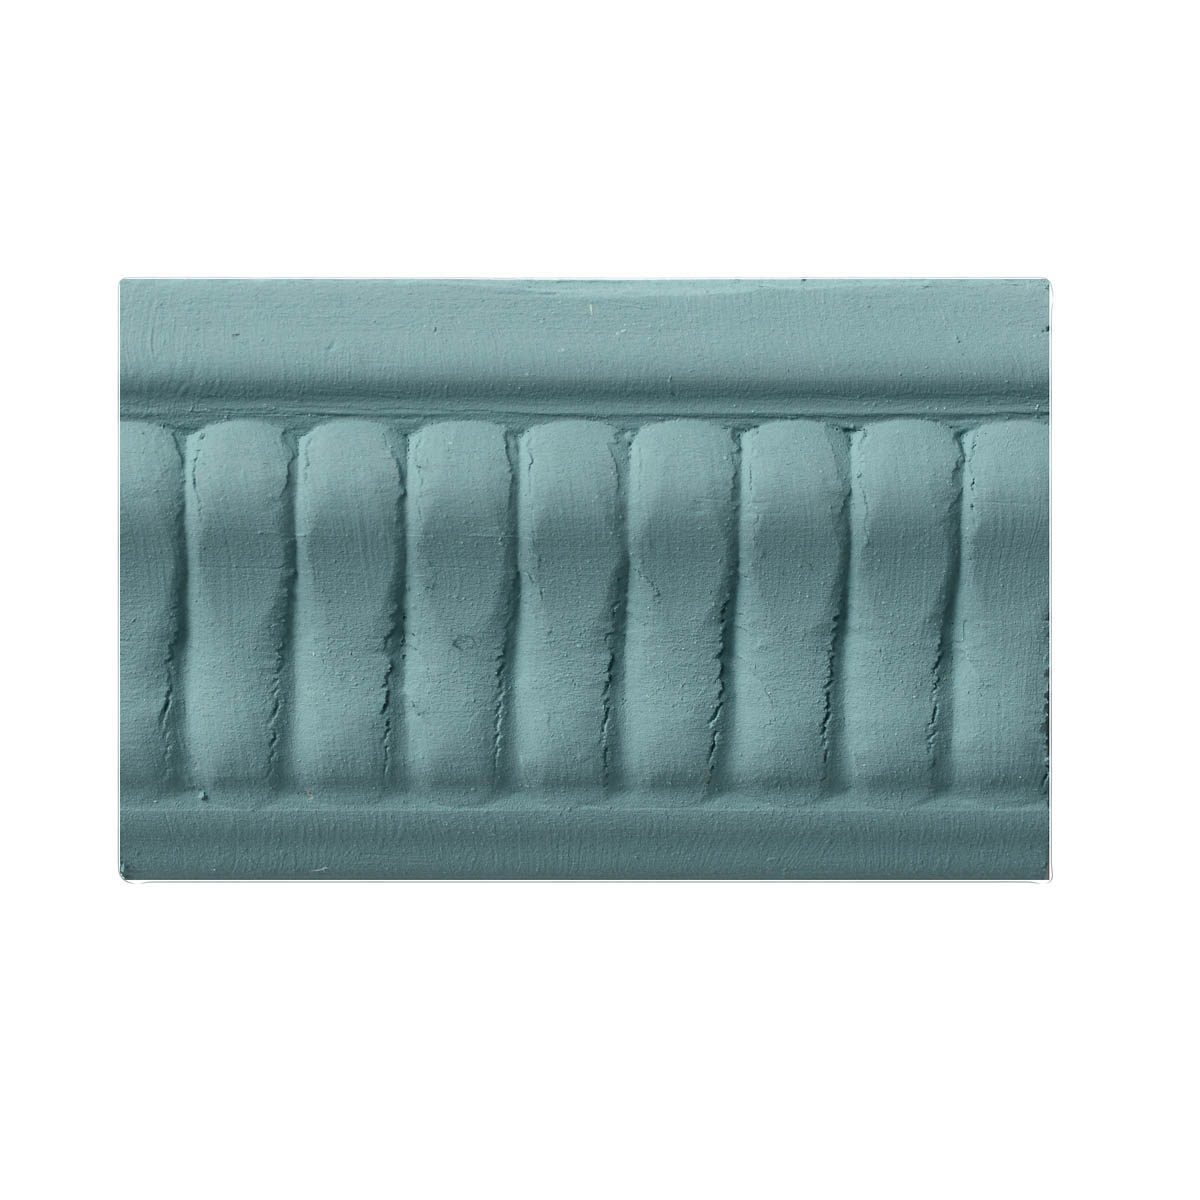 Waverly ® Inspirations Chalk Finish Acrylic Paint - Agave, 16 oz. - 60754E